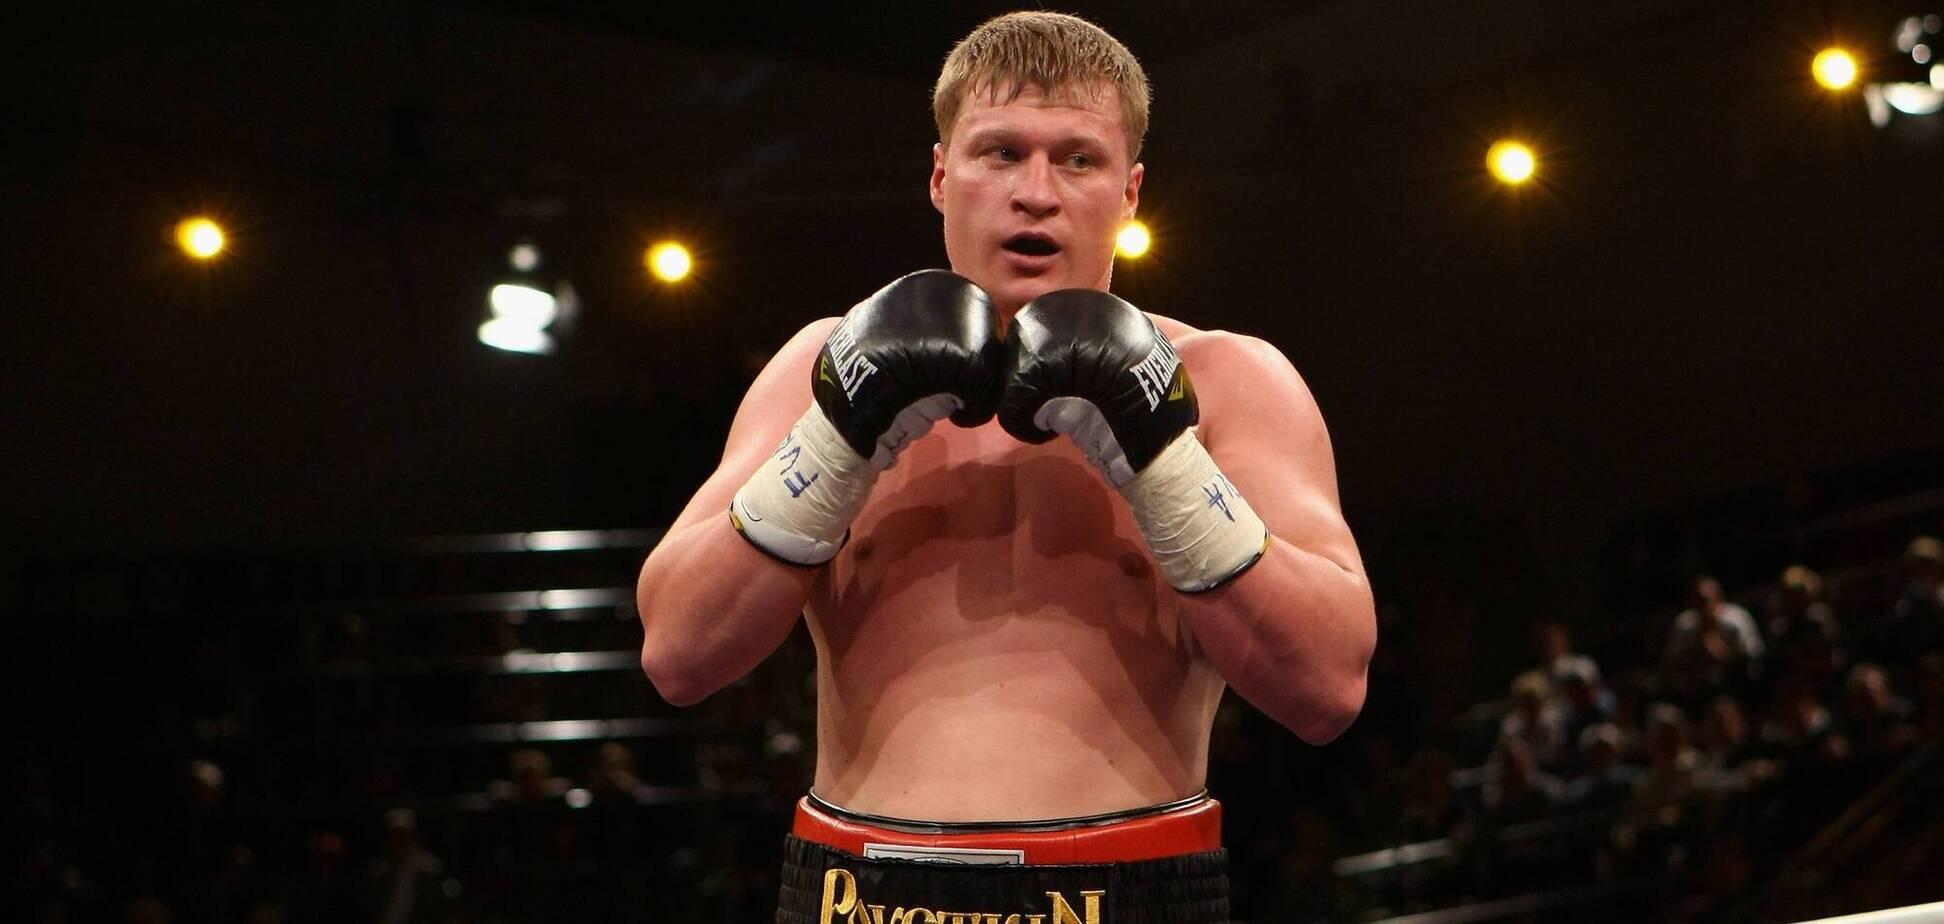 Непобедимый украинский супертяж отказался драться на шоу Усика из-за Поветкина